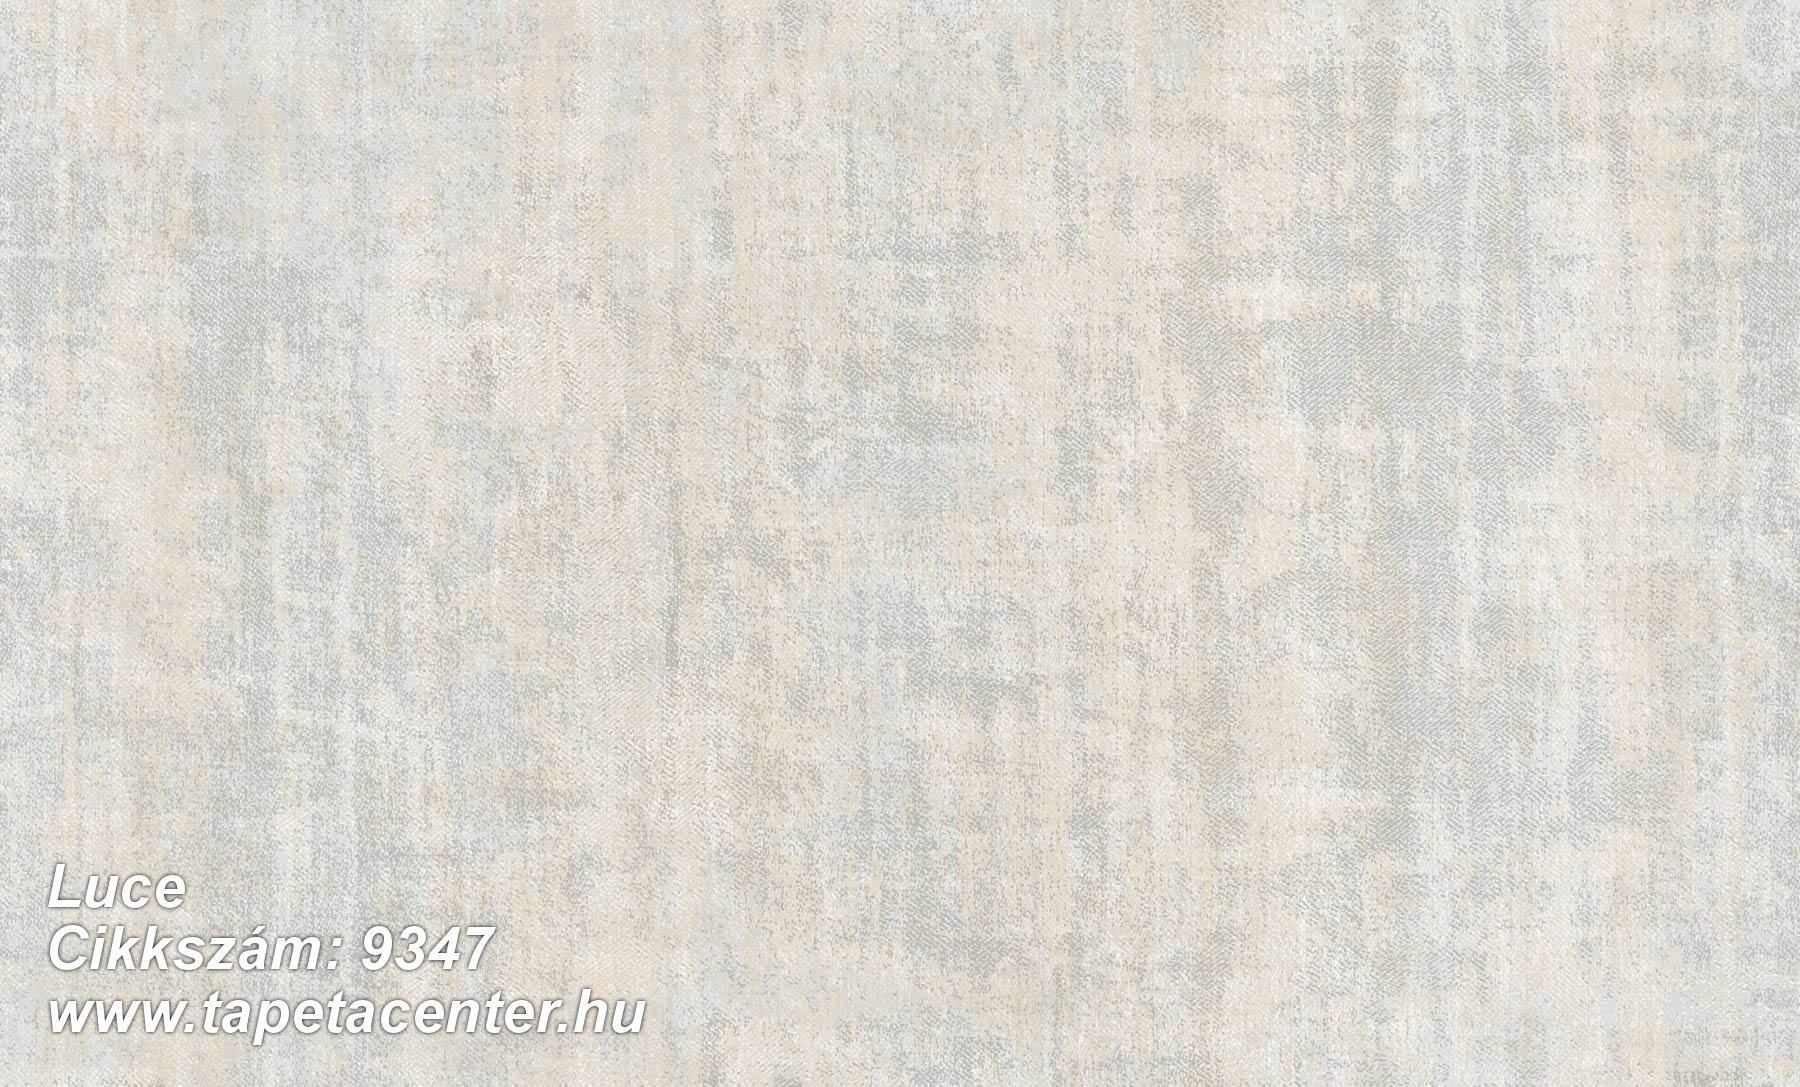 Luce - 9347 Olasz tapéta